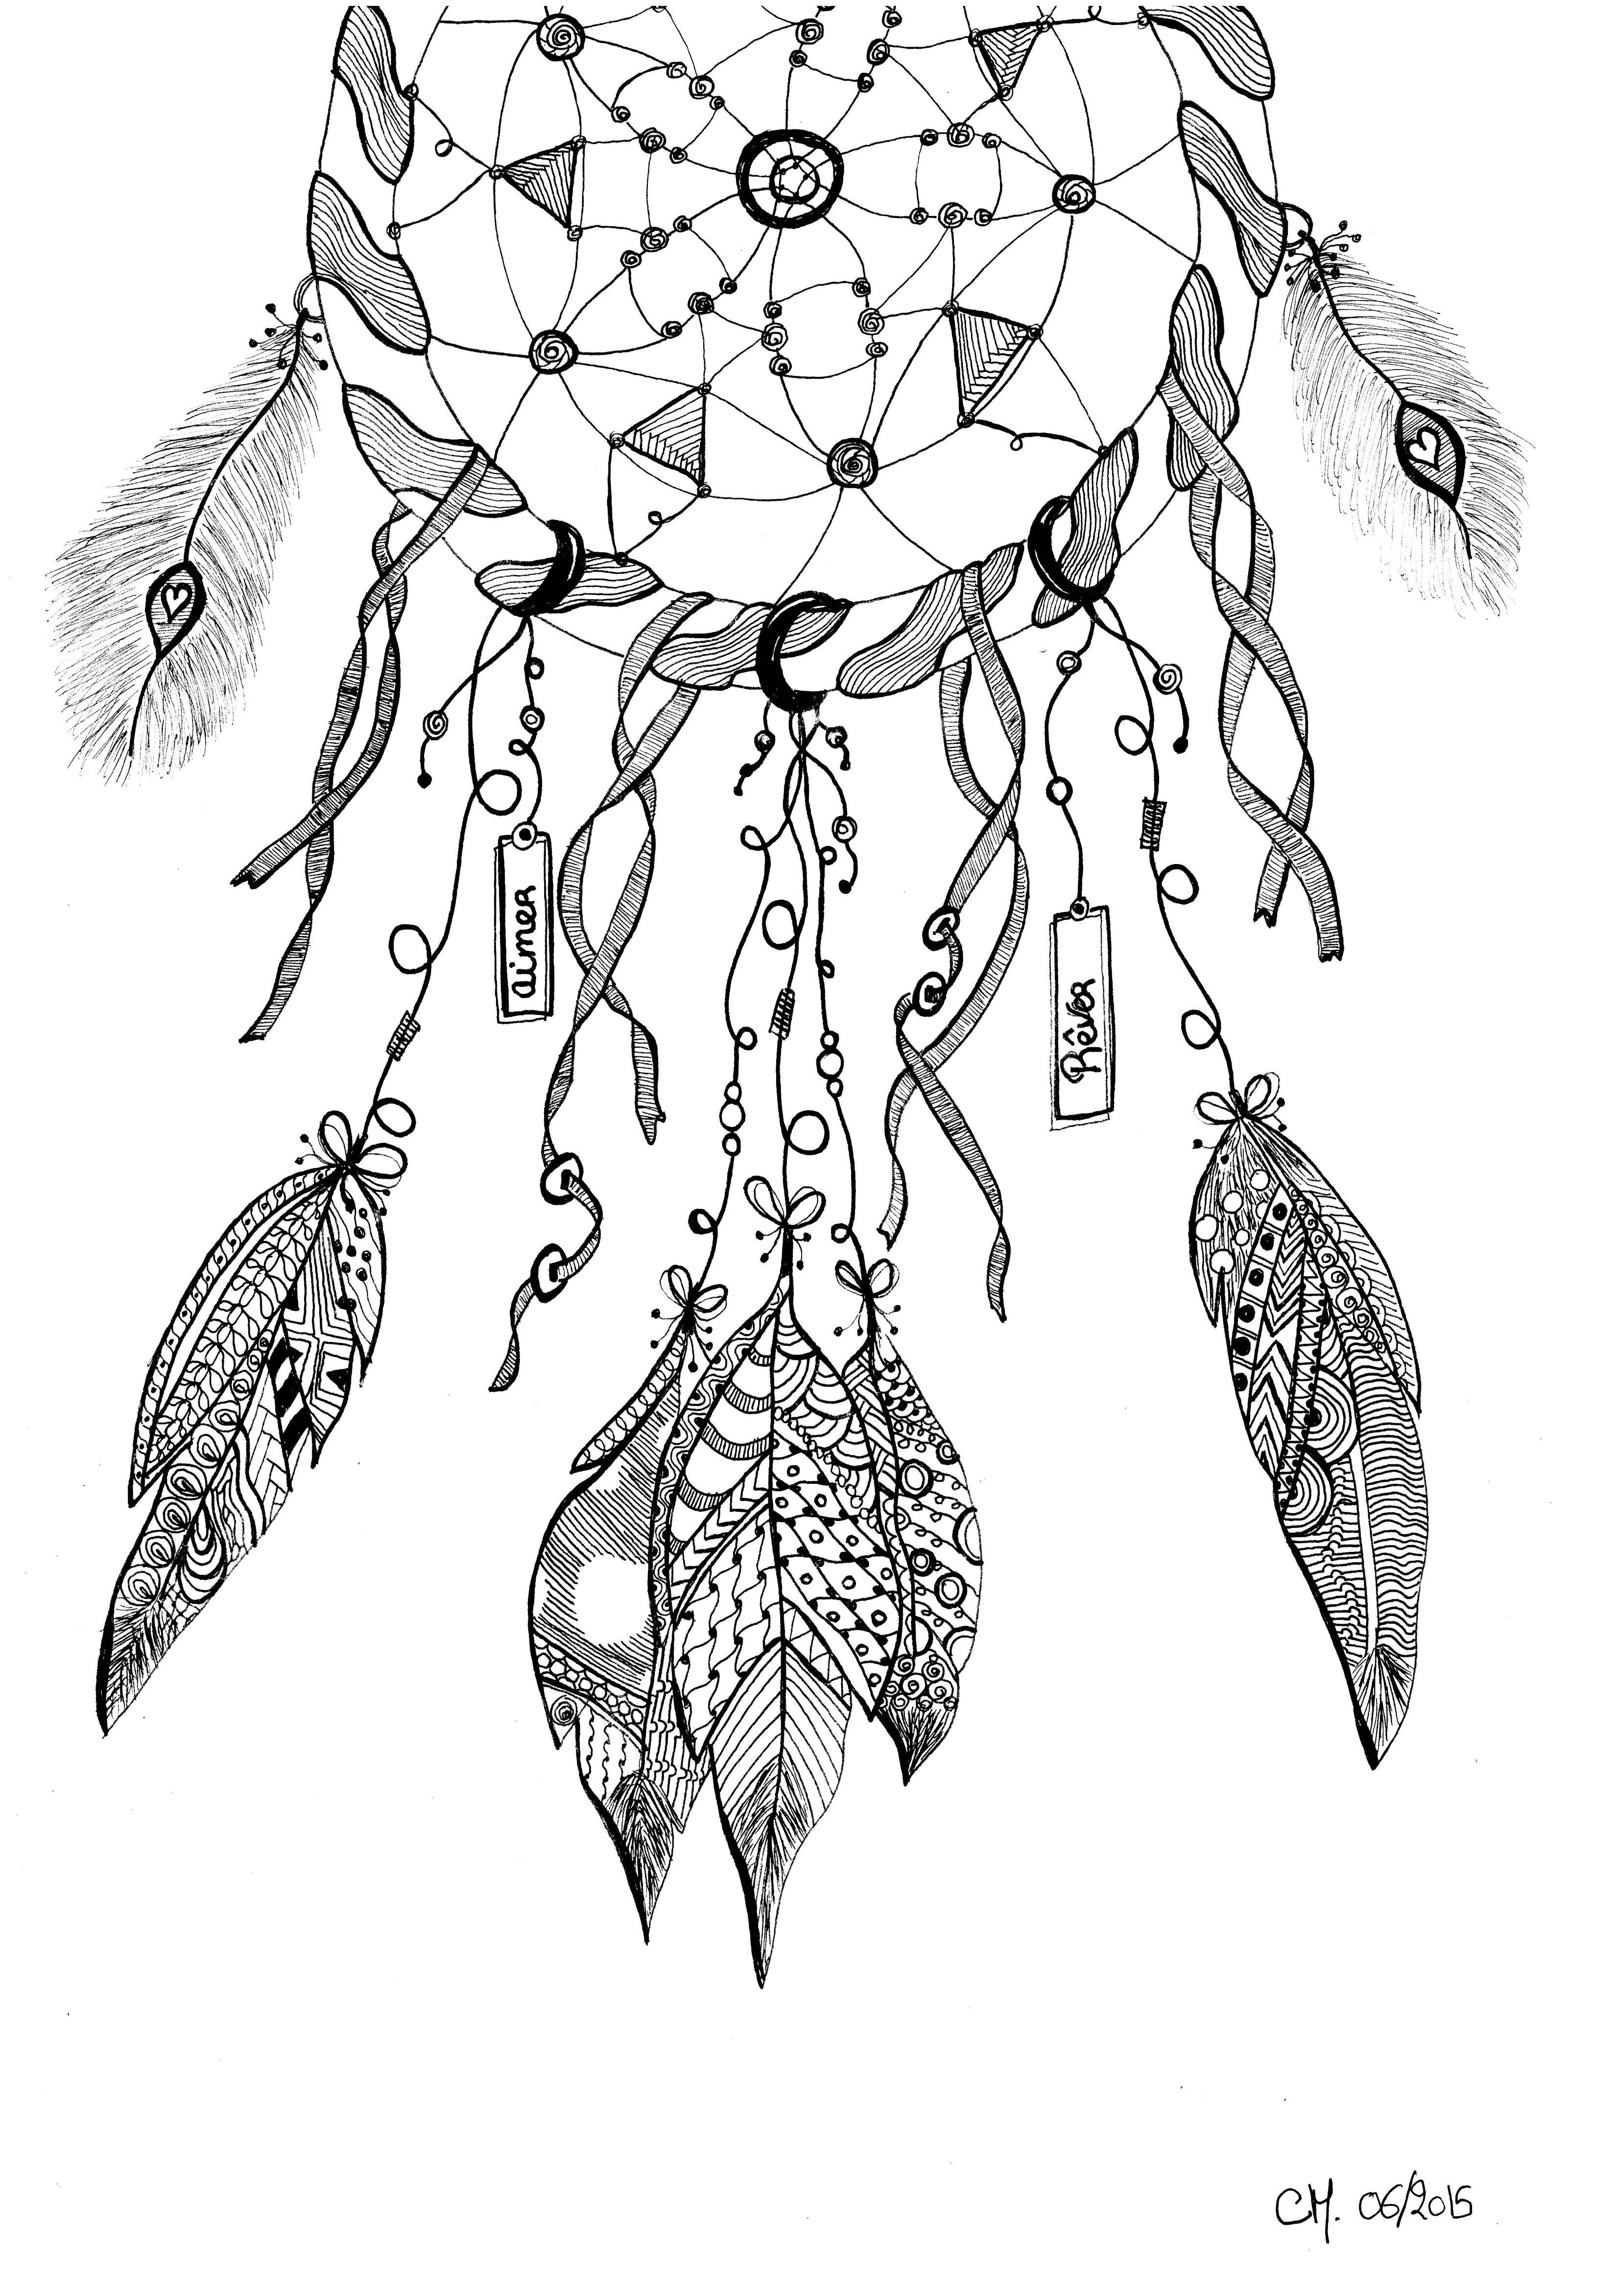 Disegni da colorare per adulti : Zentangle - 16